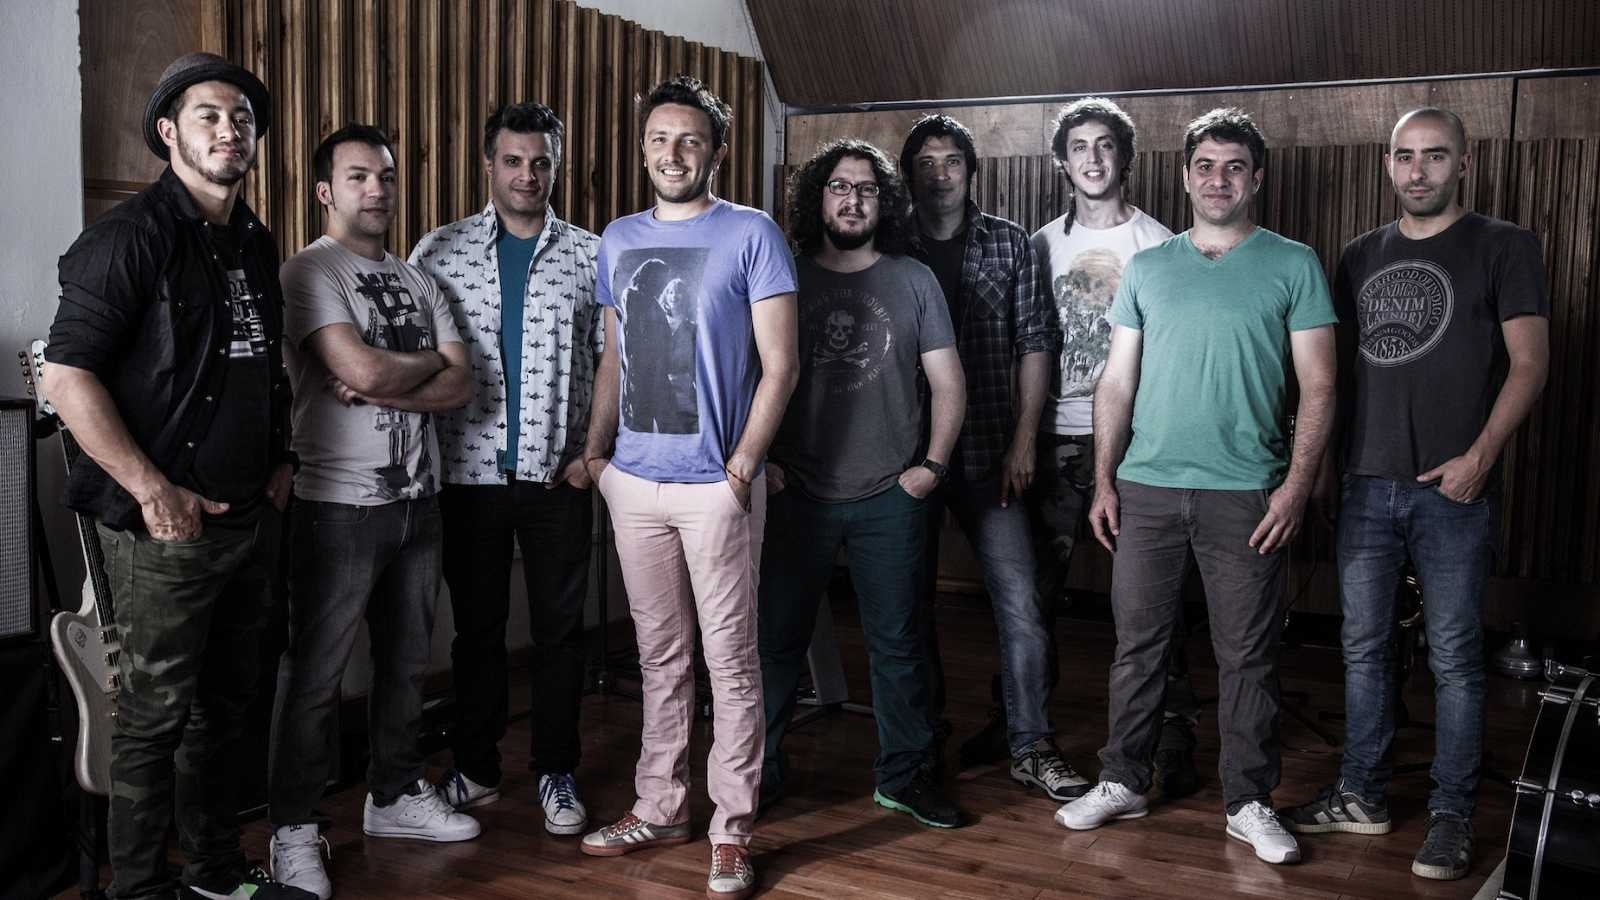 Hora América - 'No te imaginás', nuevo single de la banda uruguaya No Te Va Gustar - escuchar ahora